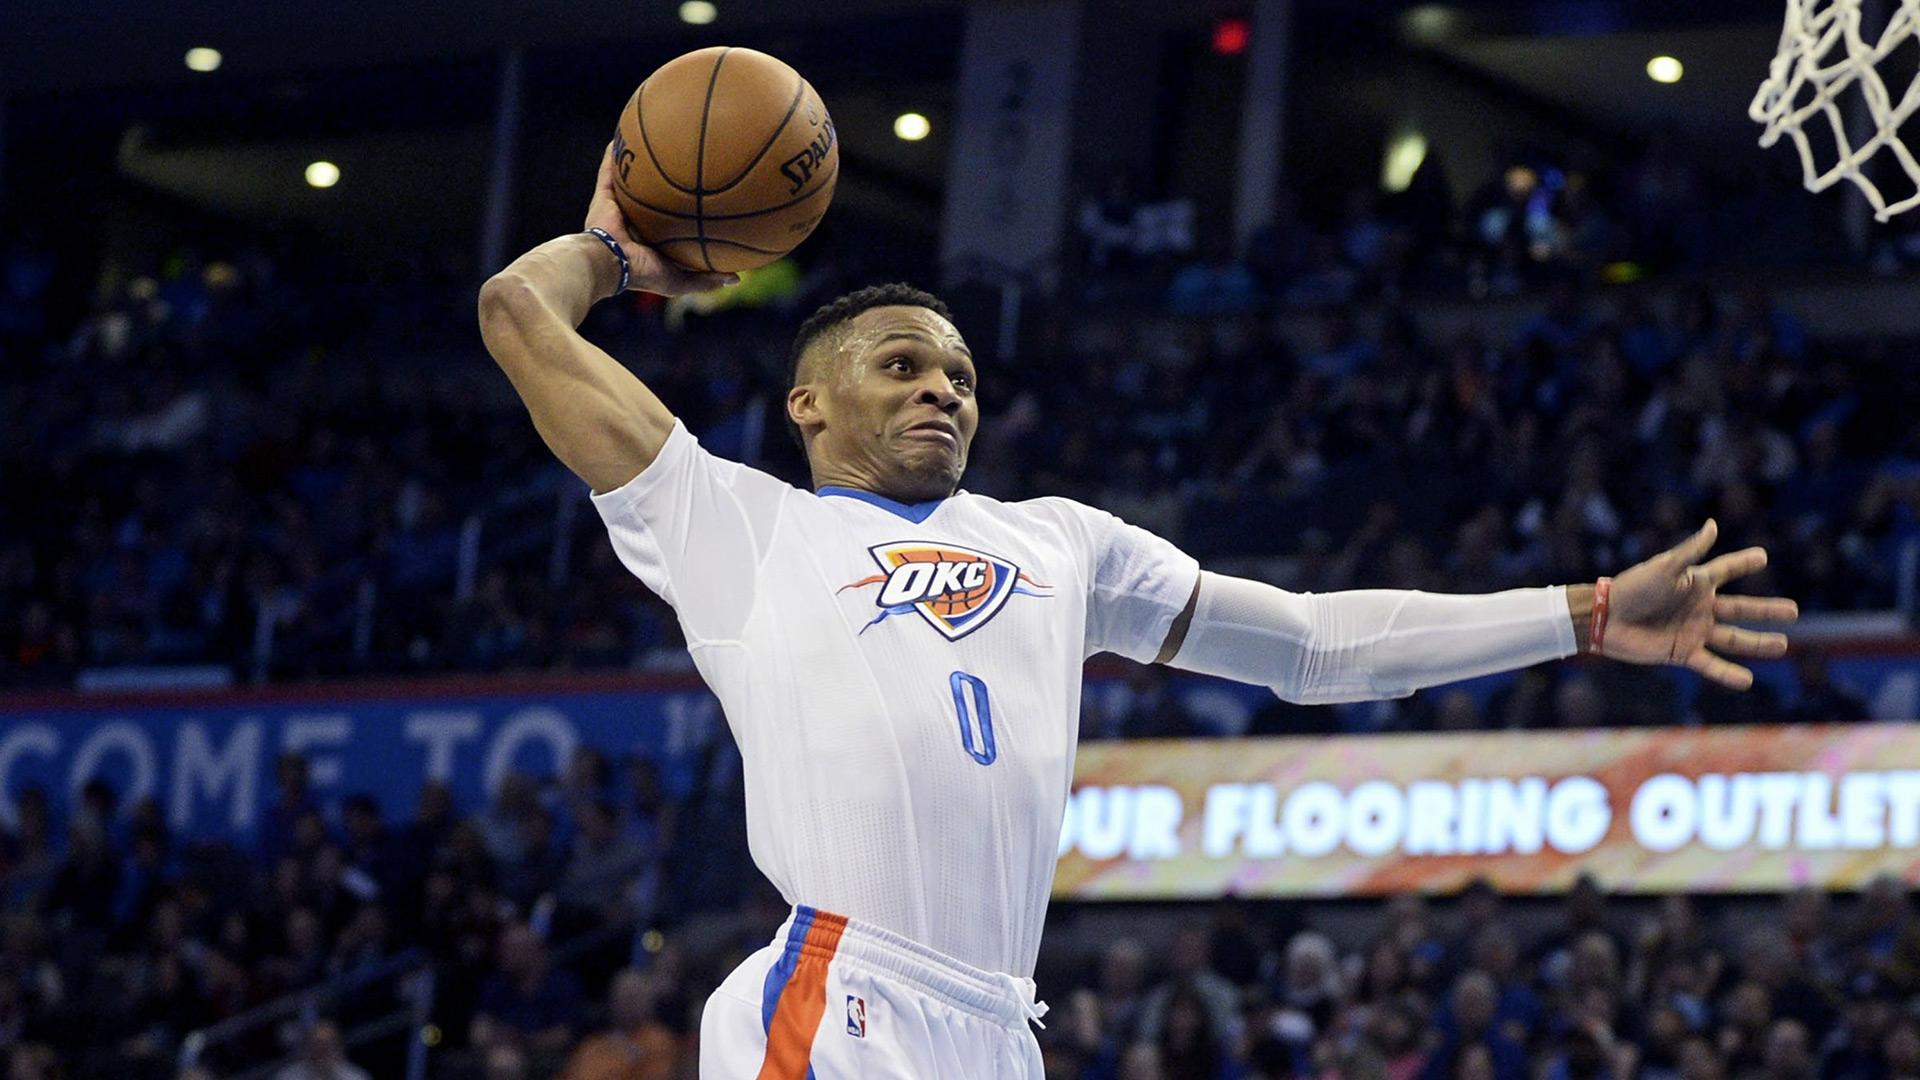 Russel had een recordaantal van 42 triple-doubles (tien of meer punten, rebounds en assists) na 81 wedstrijden.